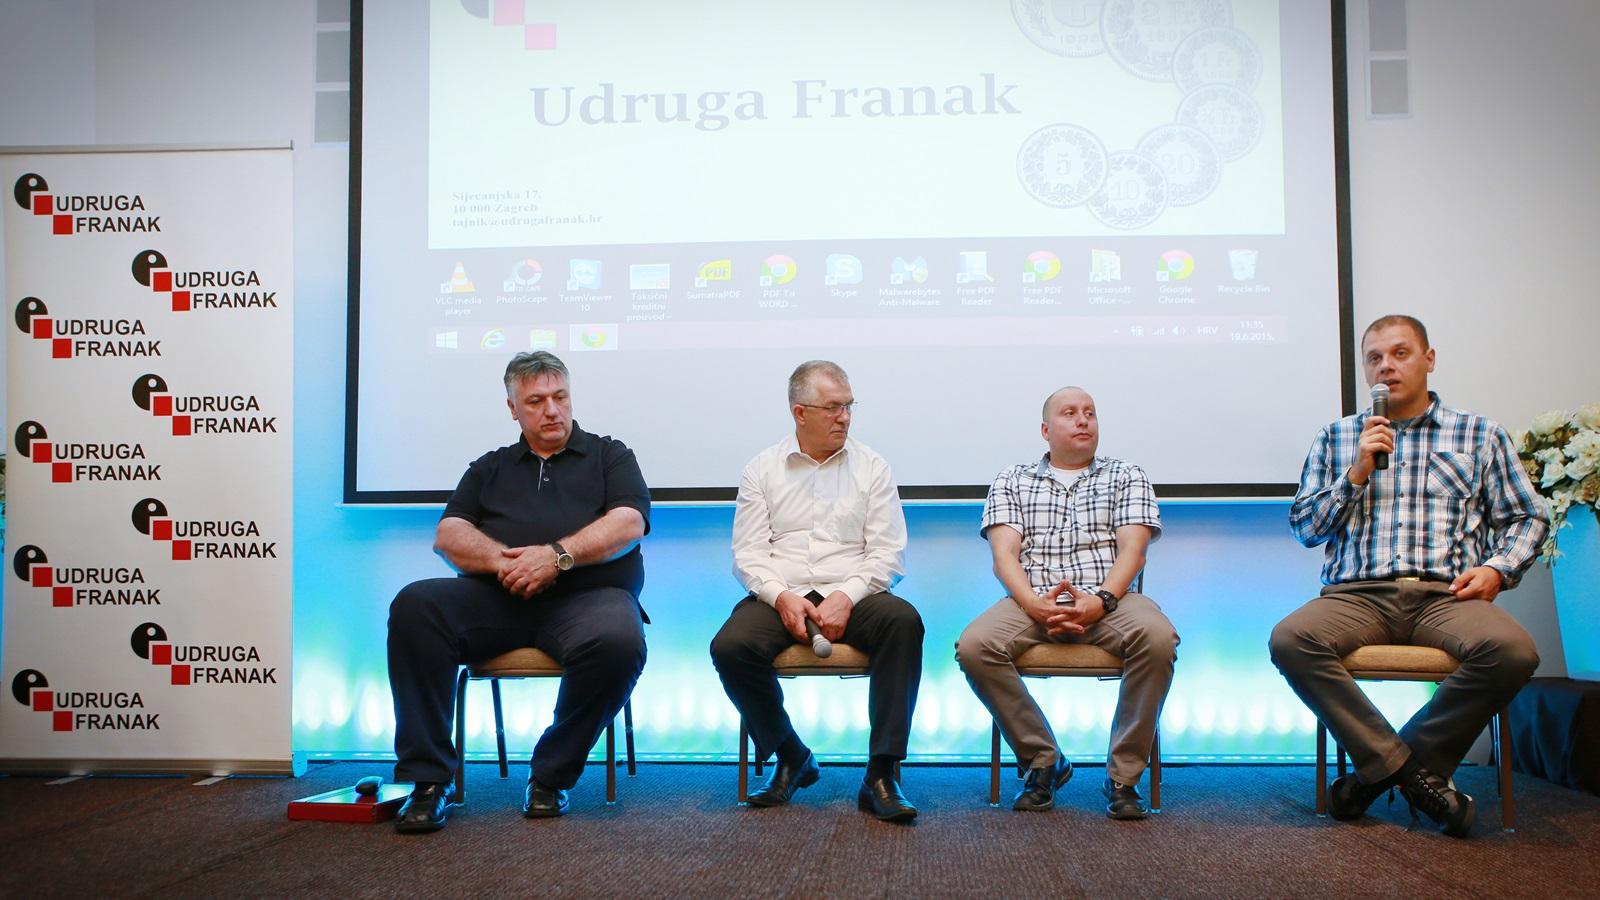 Udruga Franak Konferencija